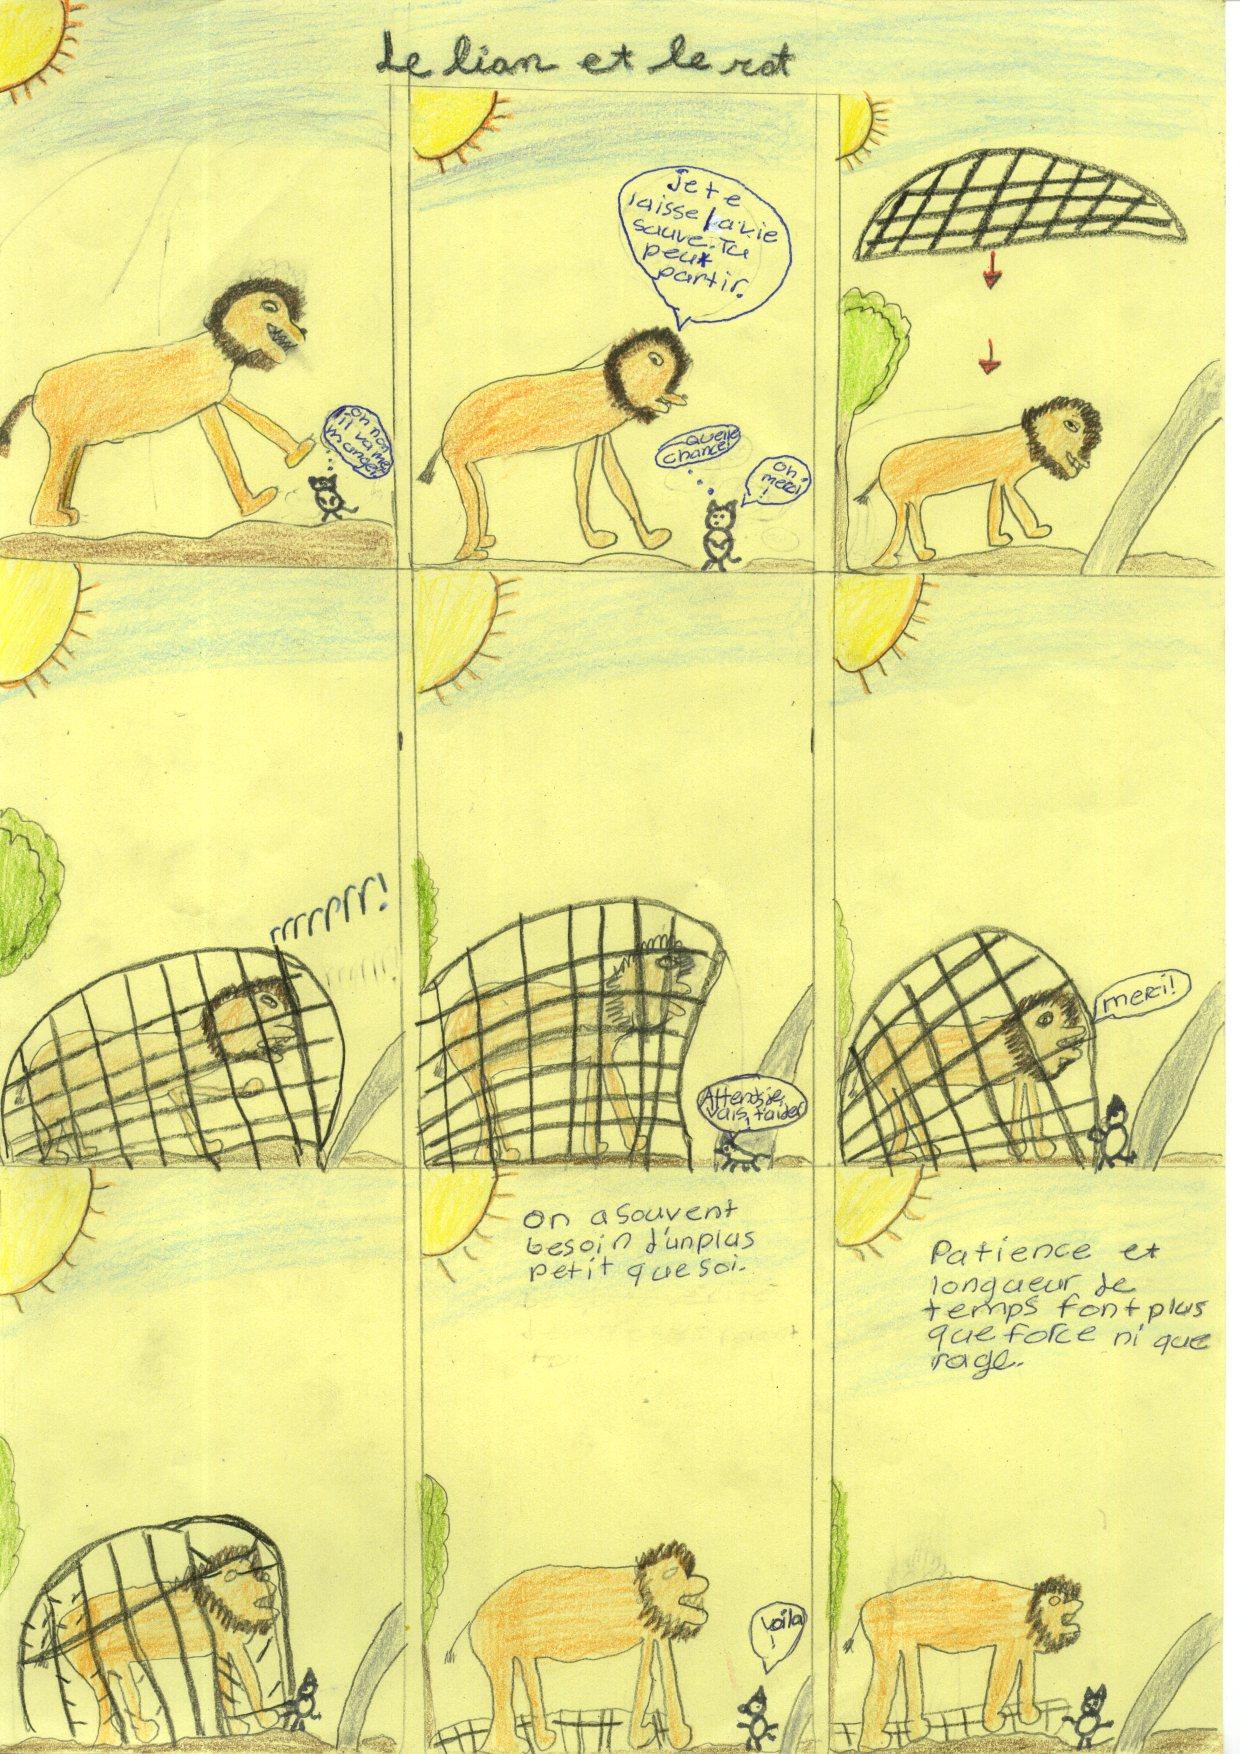 Poesie le lion et le rat - Image le lion et le rat ...